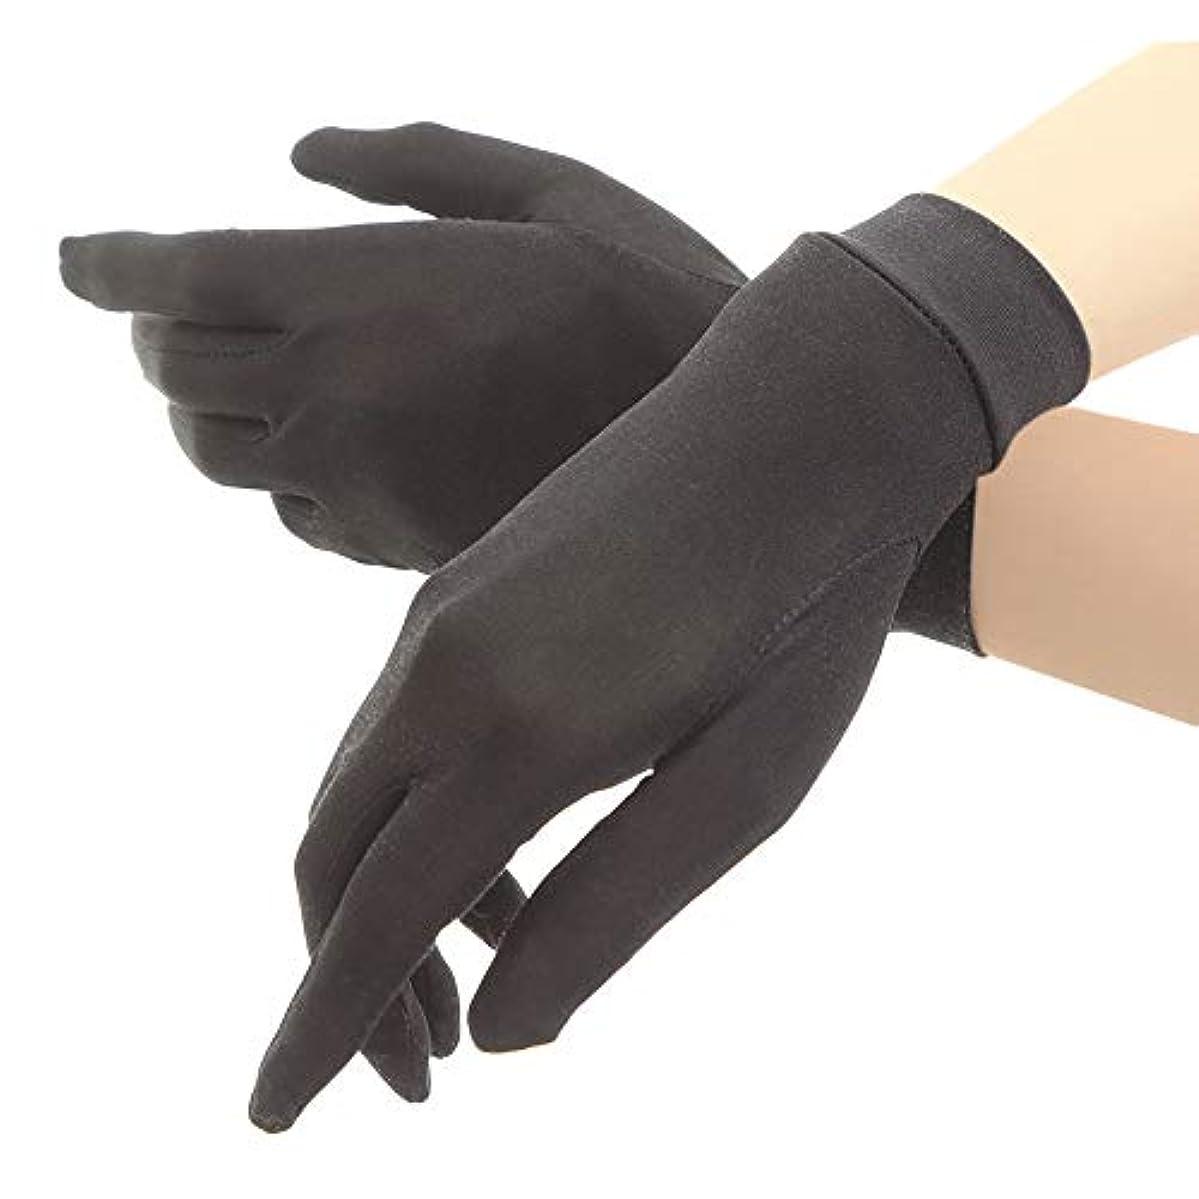 雄弁な気づくなる干渉シルク手袋 レディース 手袋 シルク 絹 ハンド ケア 保湿 紫外線 肌荒れ 乾燥 サイズアップで手指にマッチ 【macch】